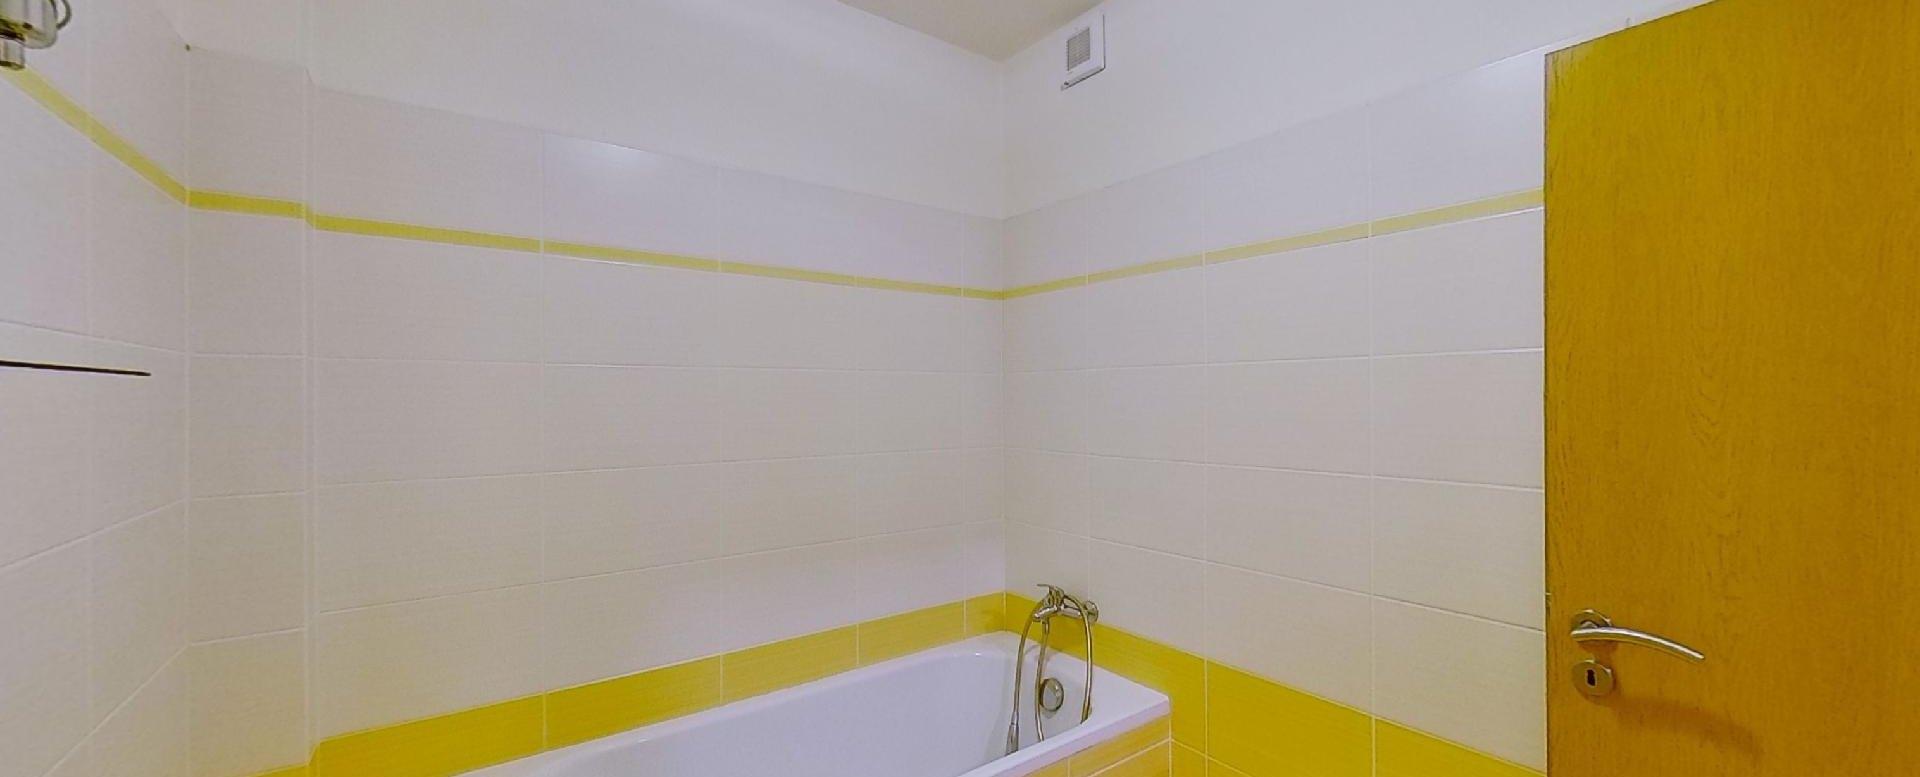 Pohľad na vaňu v kúpeľni Obývacia izba s kuchynskou linkou v 2-izbovom byte na ulici Jana Kráľa v Čadci